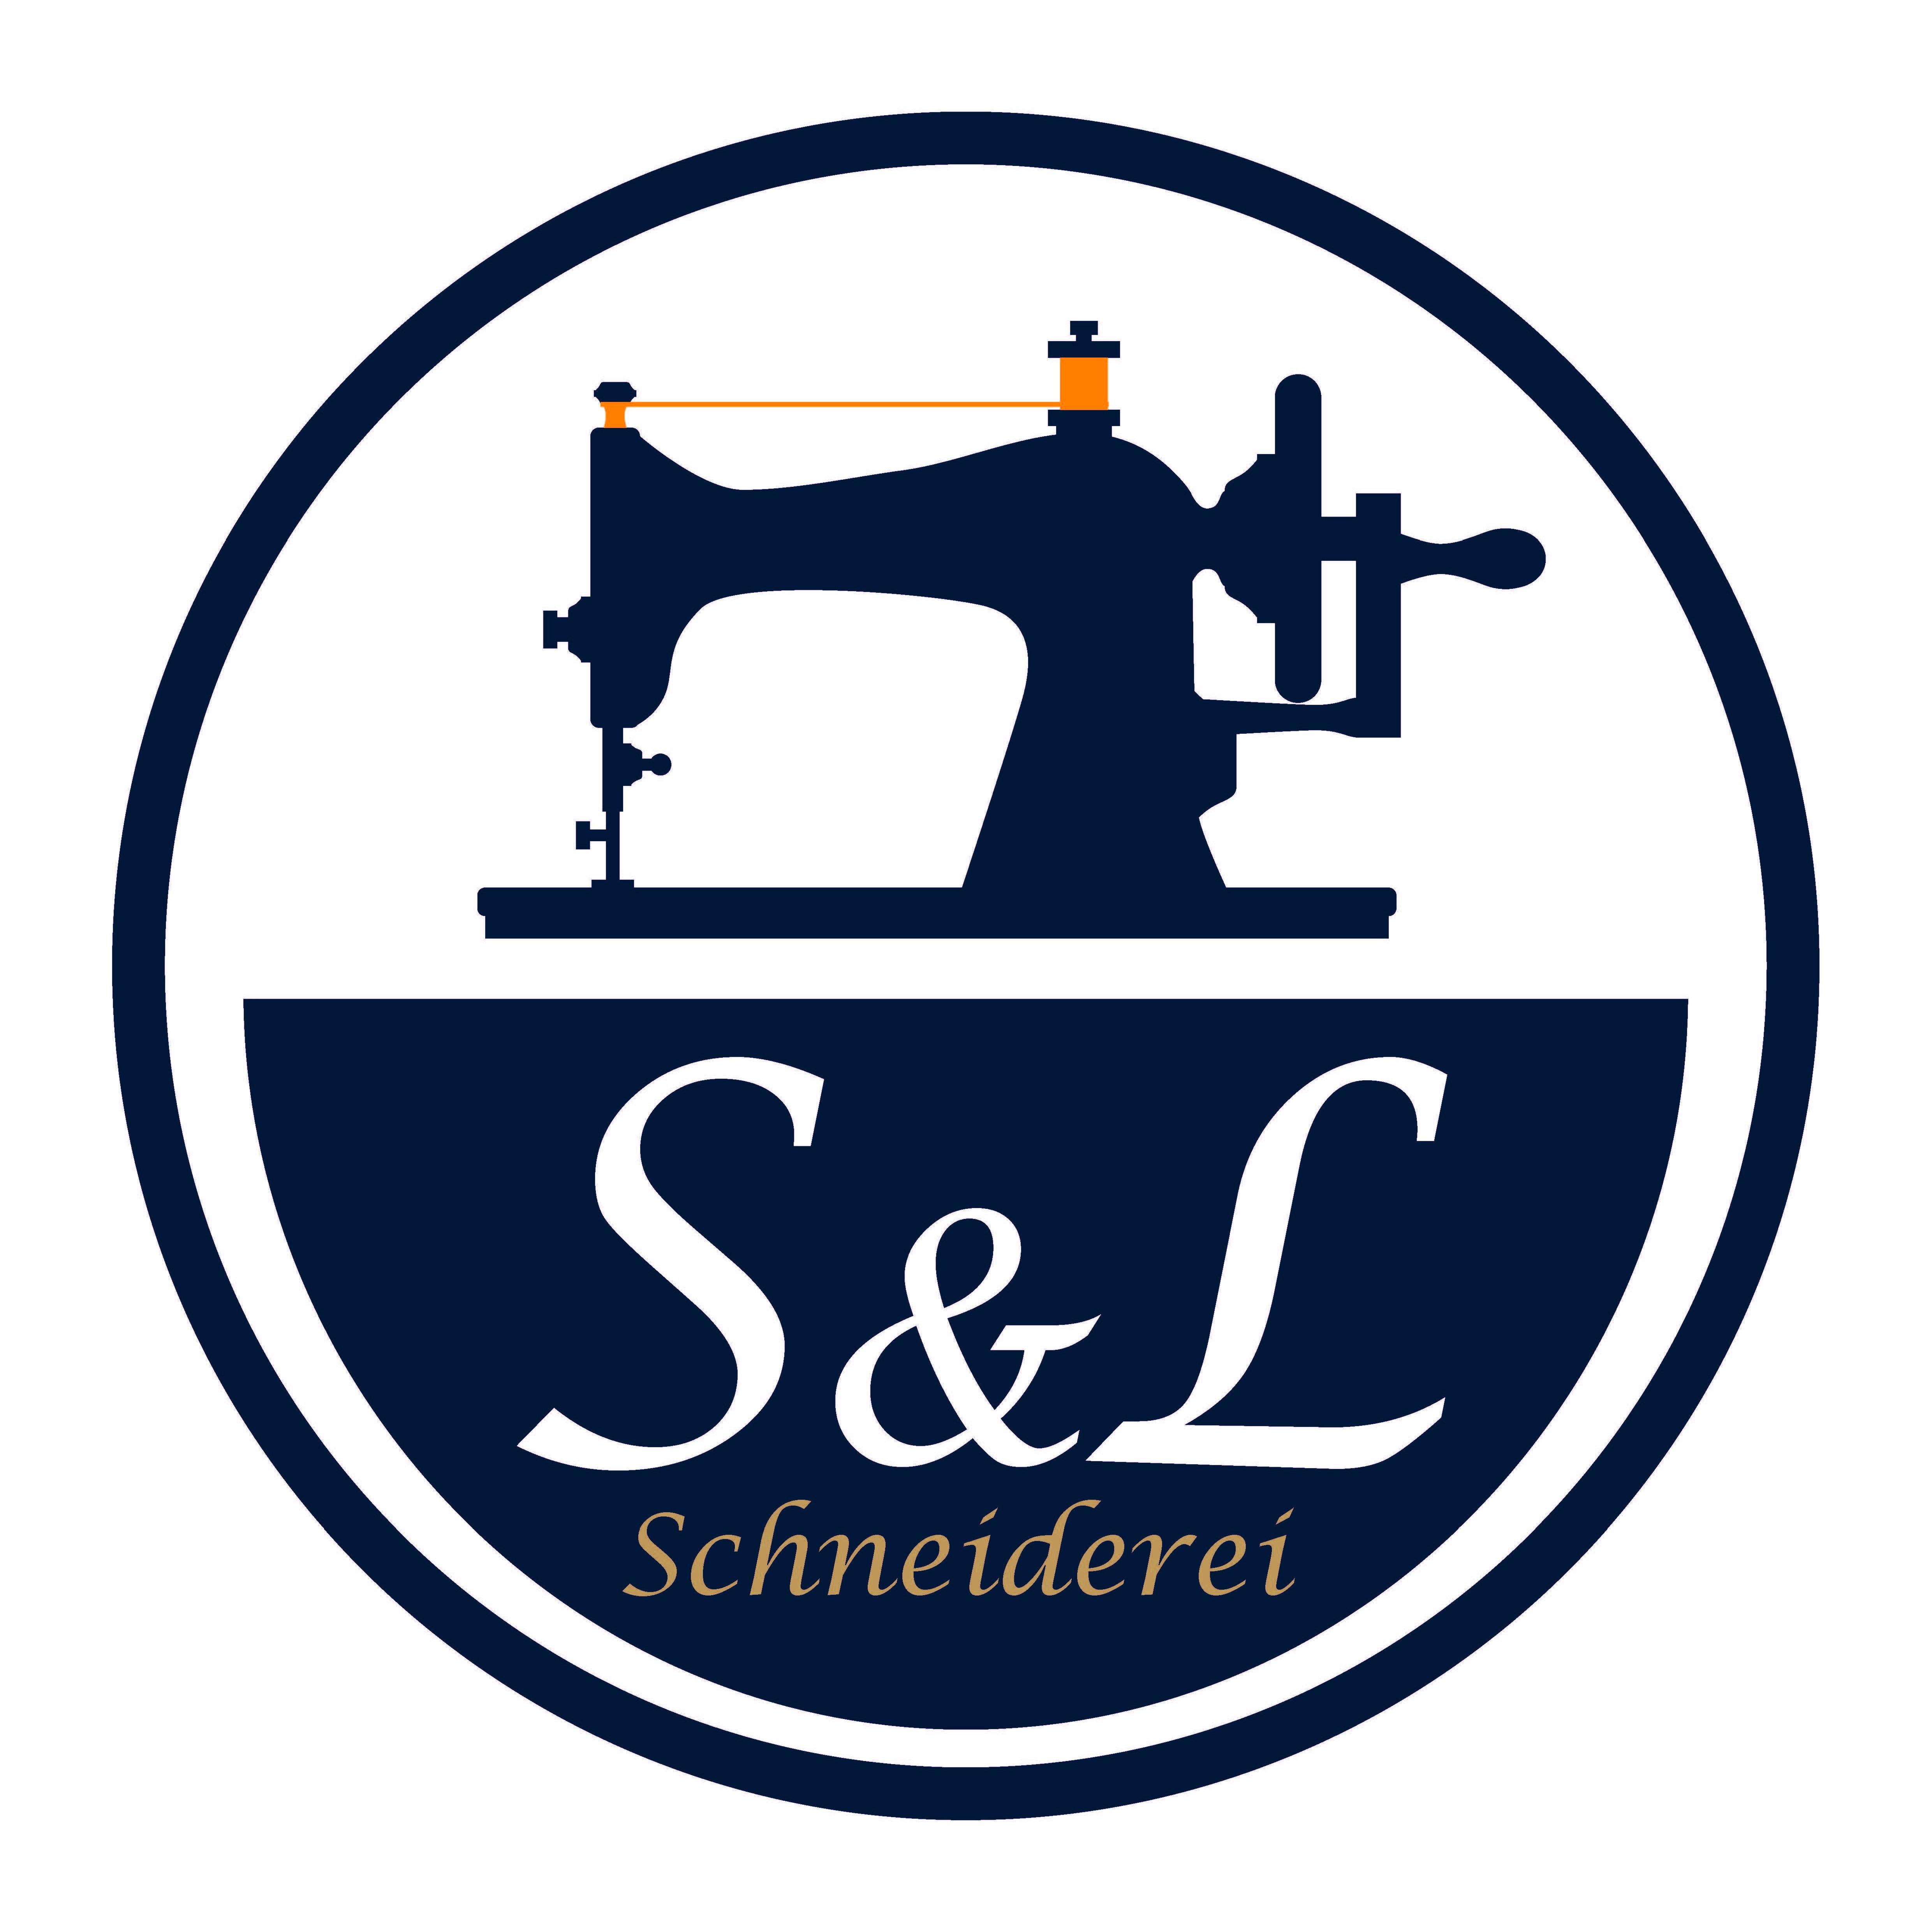 S&L Schneiderei